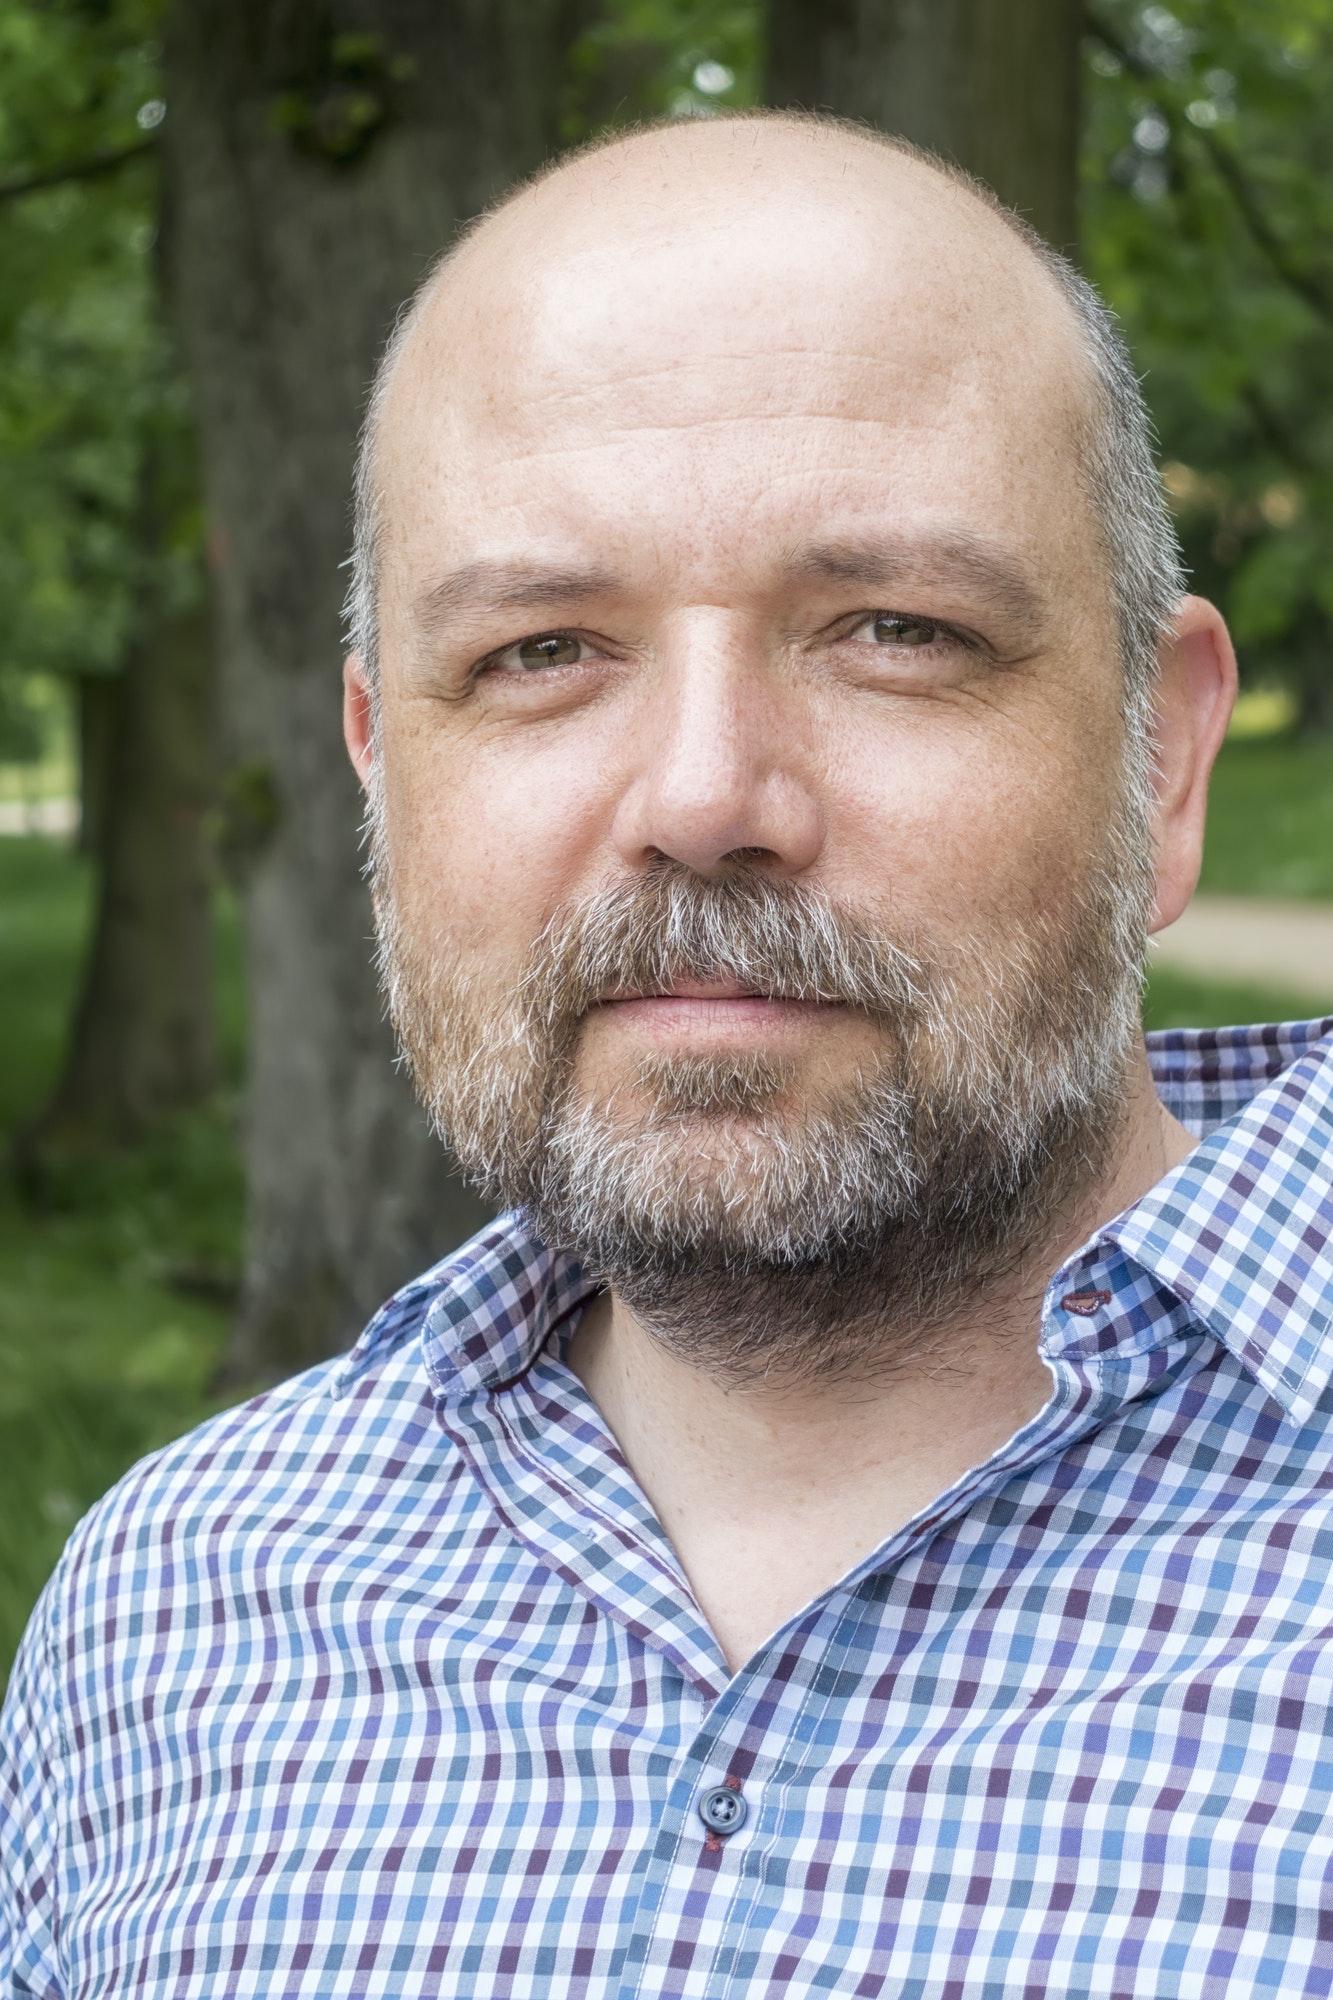 Eric Moreti